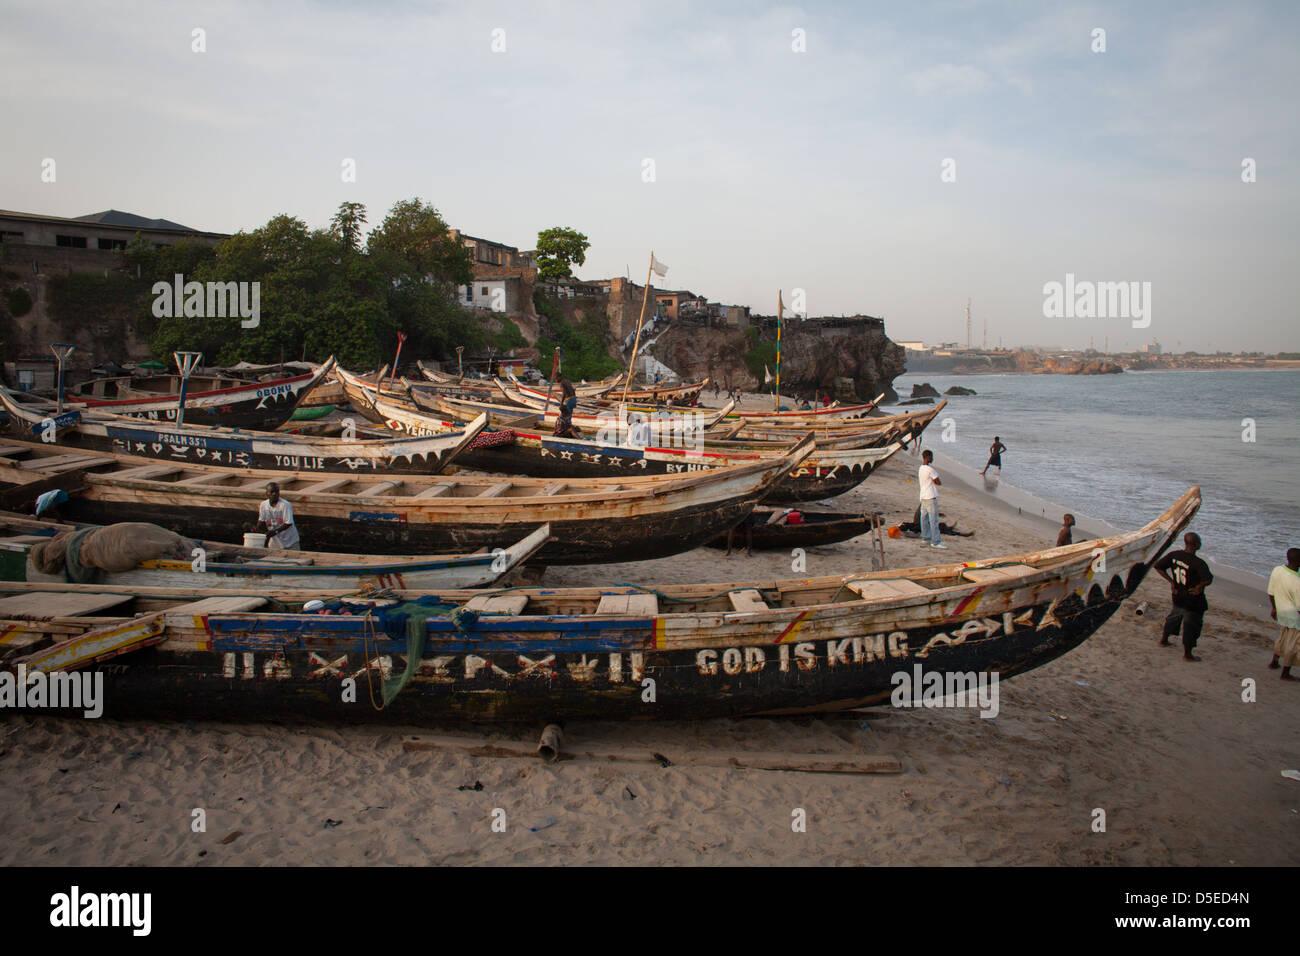 Bateaux de pêche sur la plage à Accra, Ghana. Photo Stock